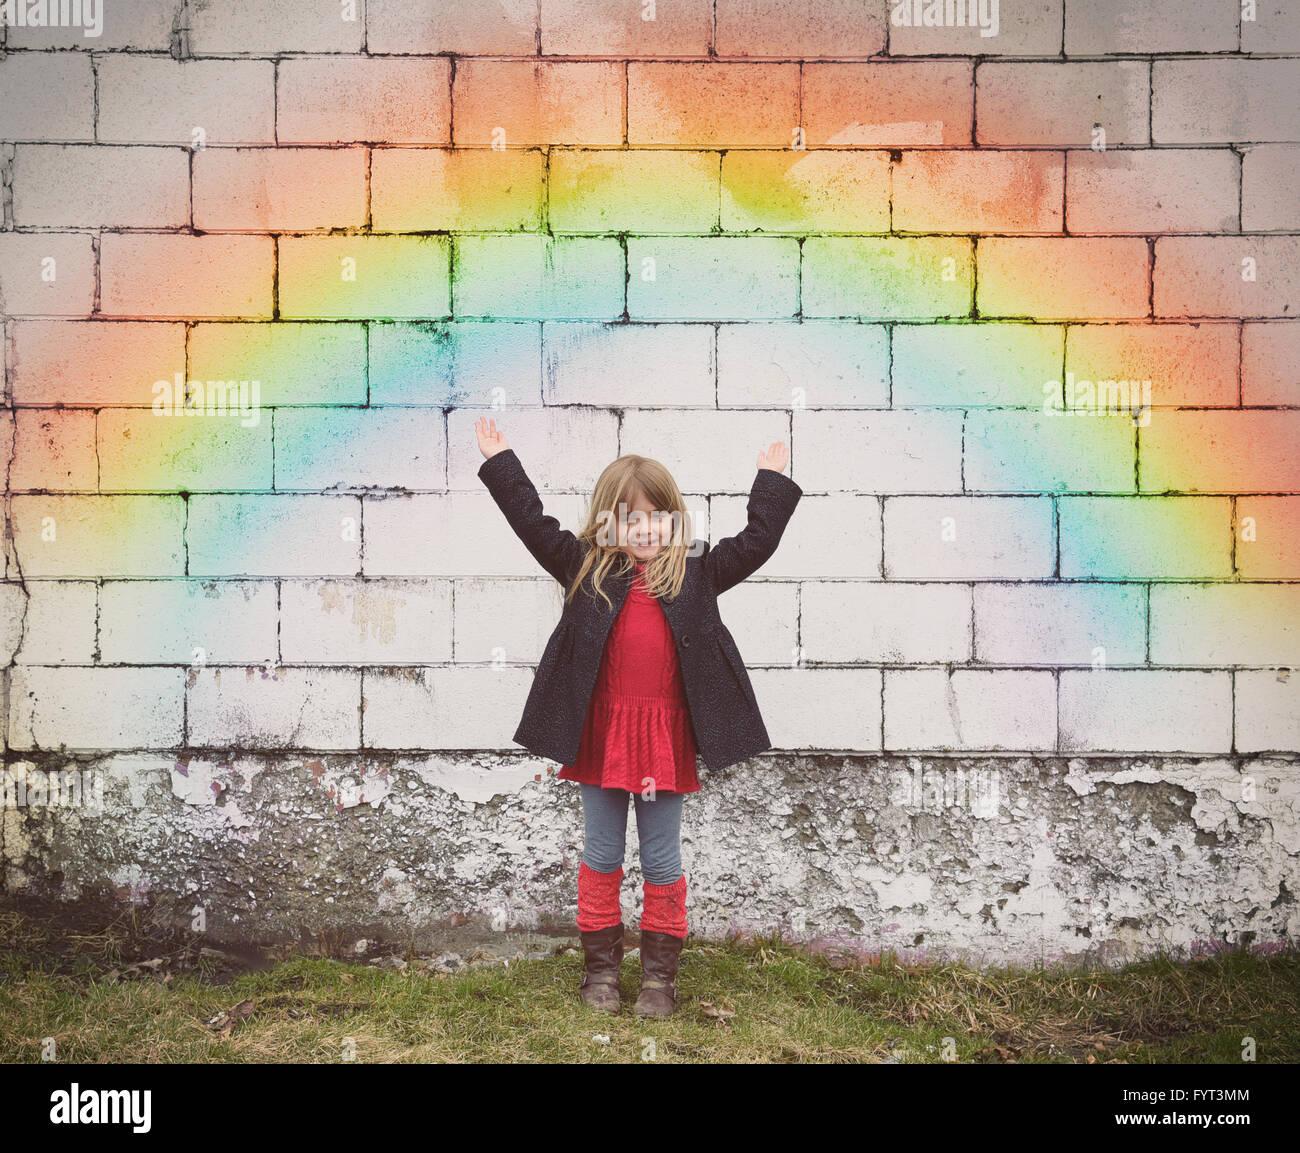 Un felice bambina è in piedi contro un vecchio muro di mattoni con un colorato arcobaleno e le sue mani sono Immagini Stock